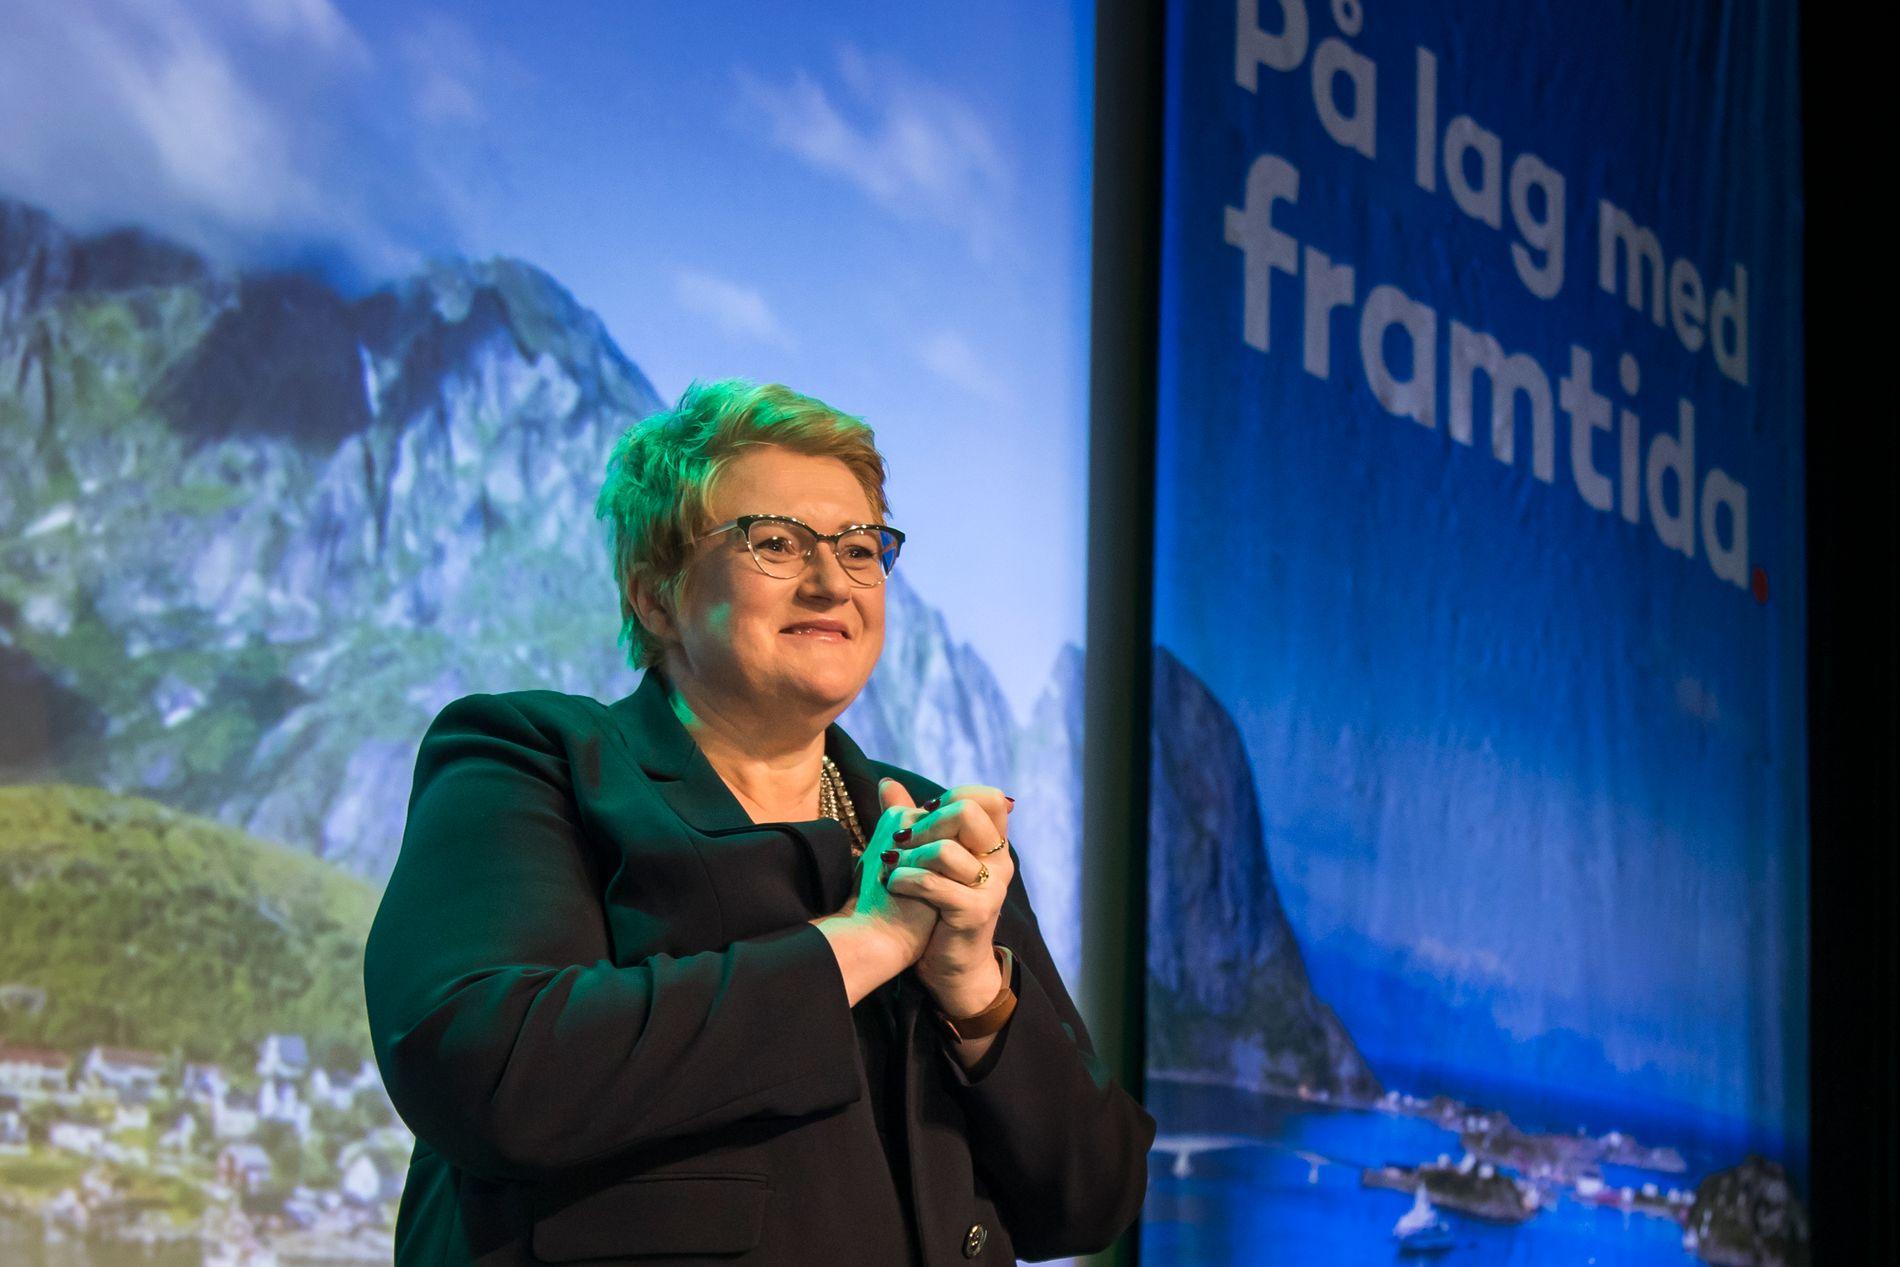 ILLUSJON: Eit bilete frå Reine i Lofoten pynta opp landsmøtesalen til Venstre. Men hotellet låg ved Gardermoen. Det speglar godt eit parti som blir stadig meir urbant, skriv BT-kommentator Hans K. Mjelva.